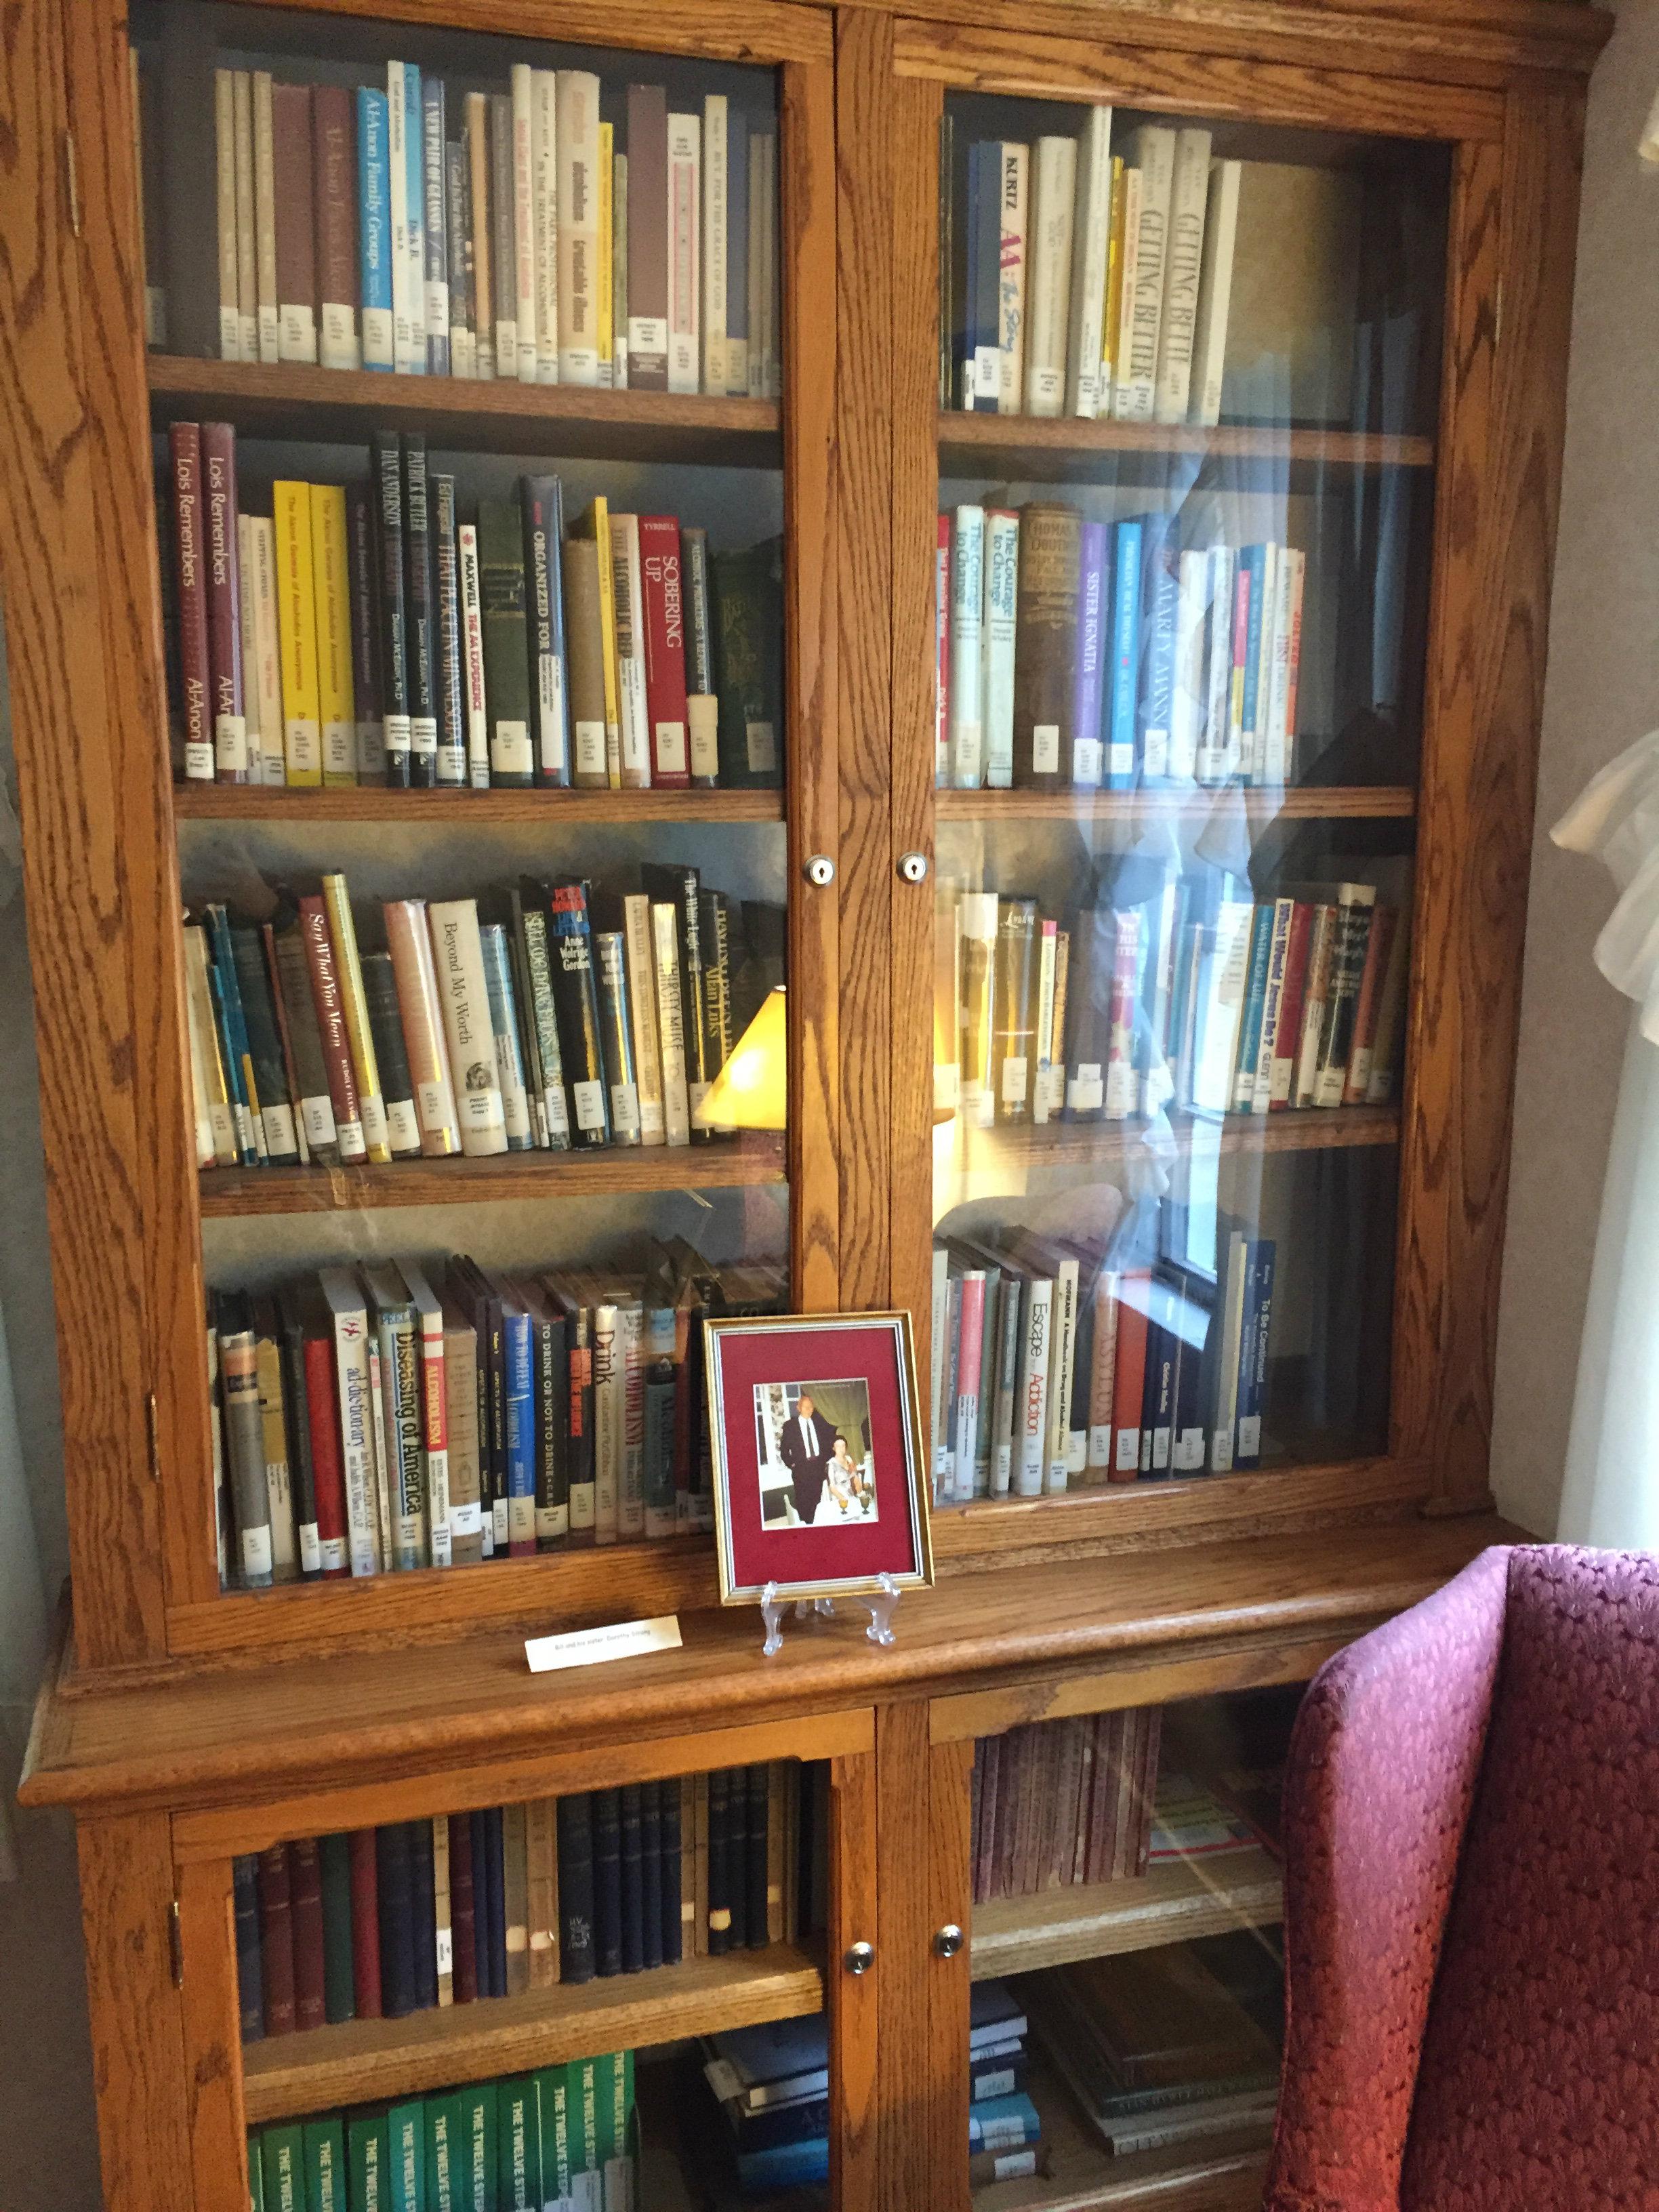 Bill W Dorset, Vermont Library books